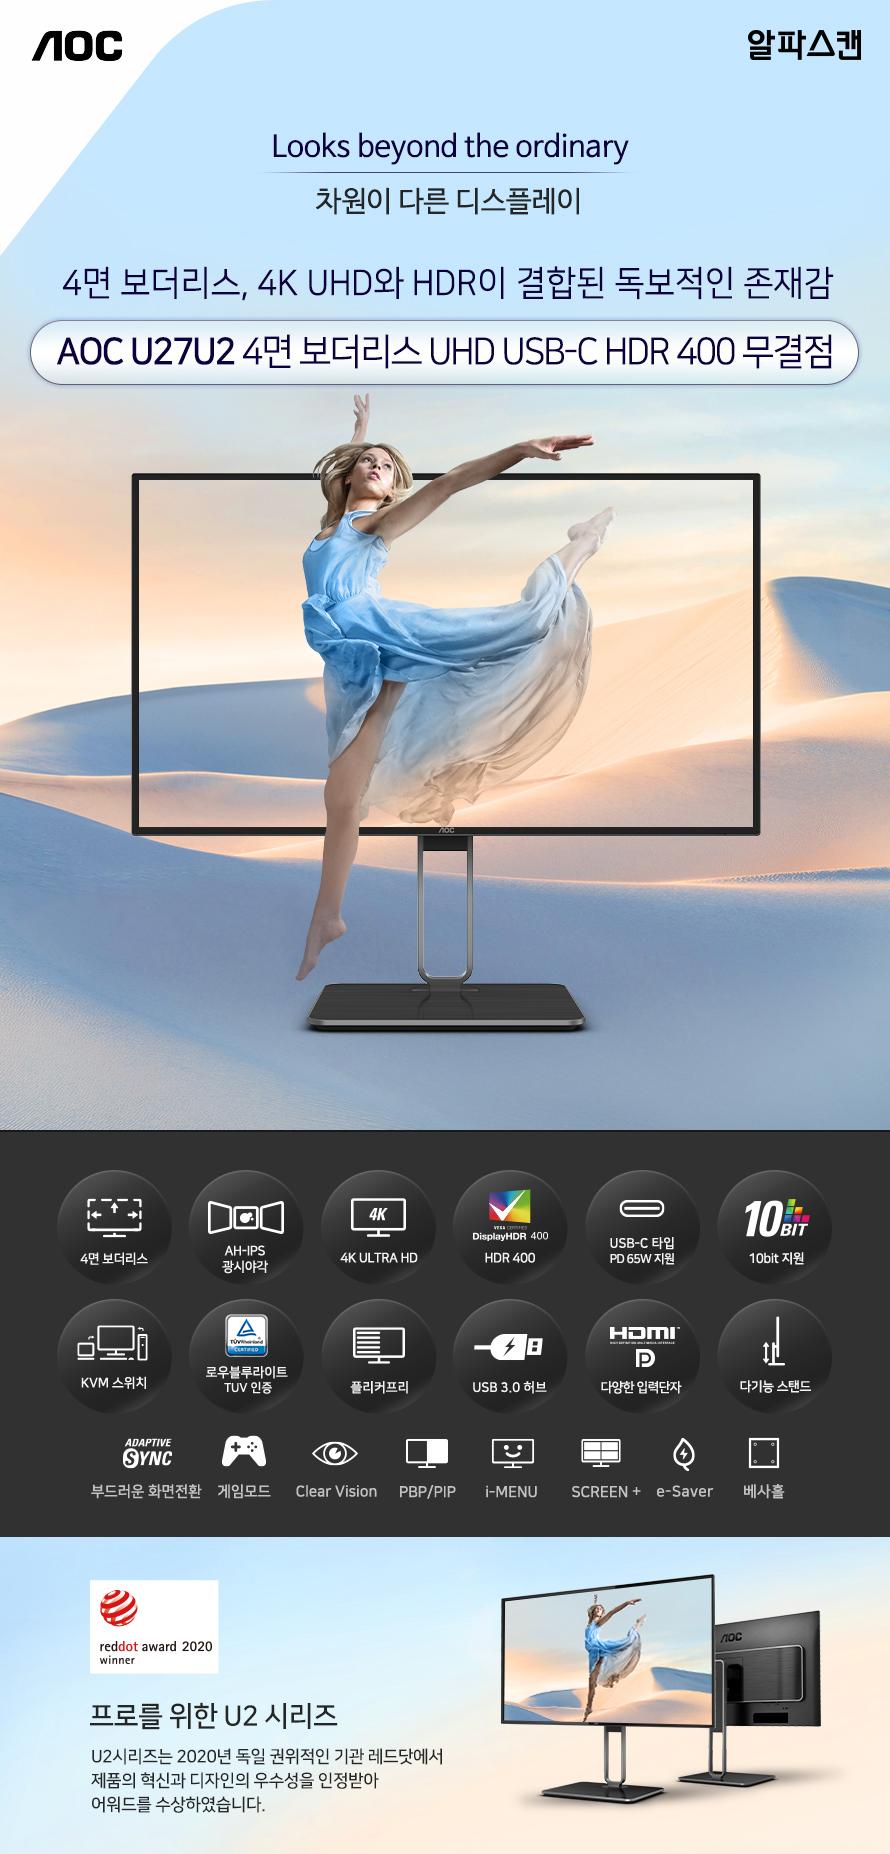 알파스캔 AOC U27U2 4면 보더리스 UHD USB-C HDR 400 무결점